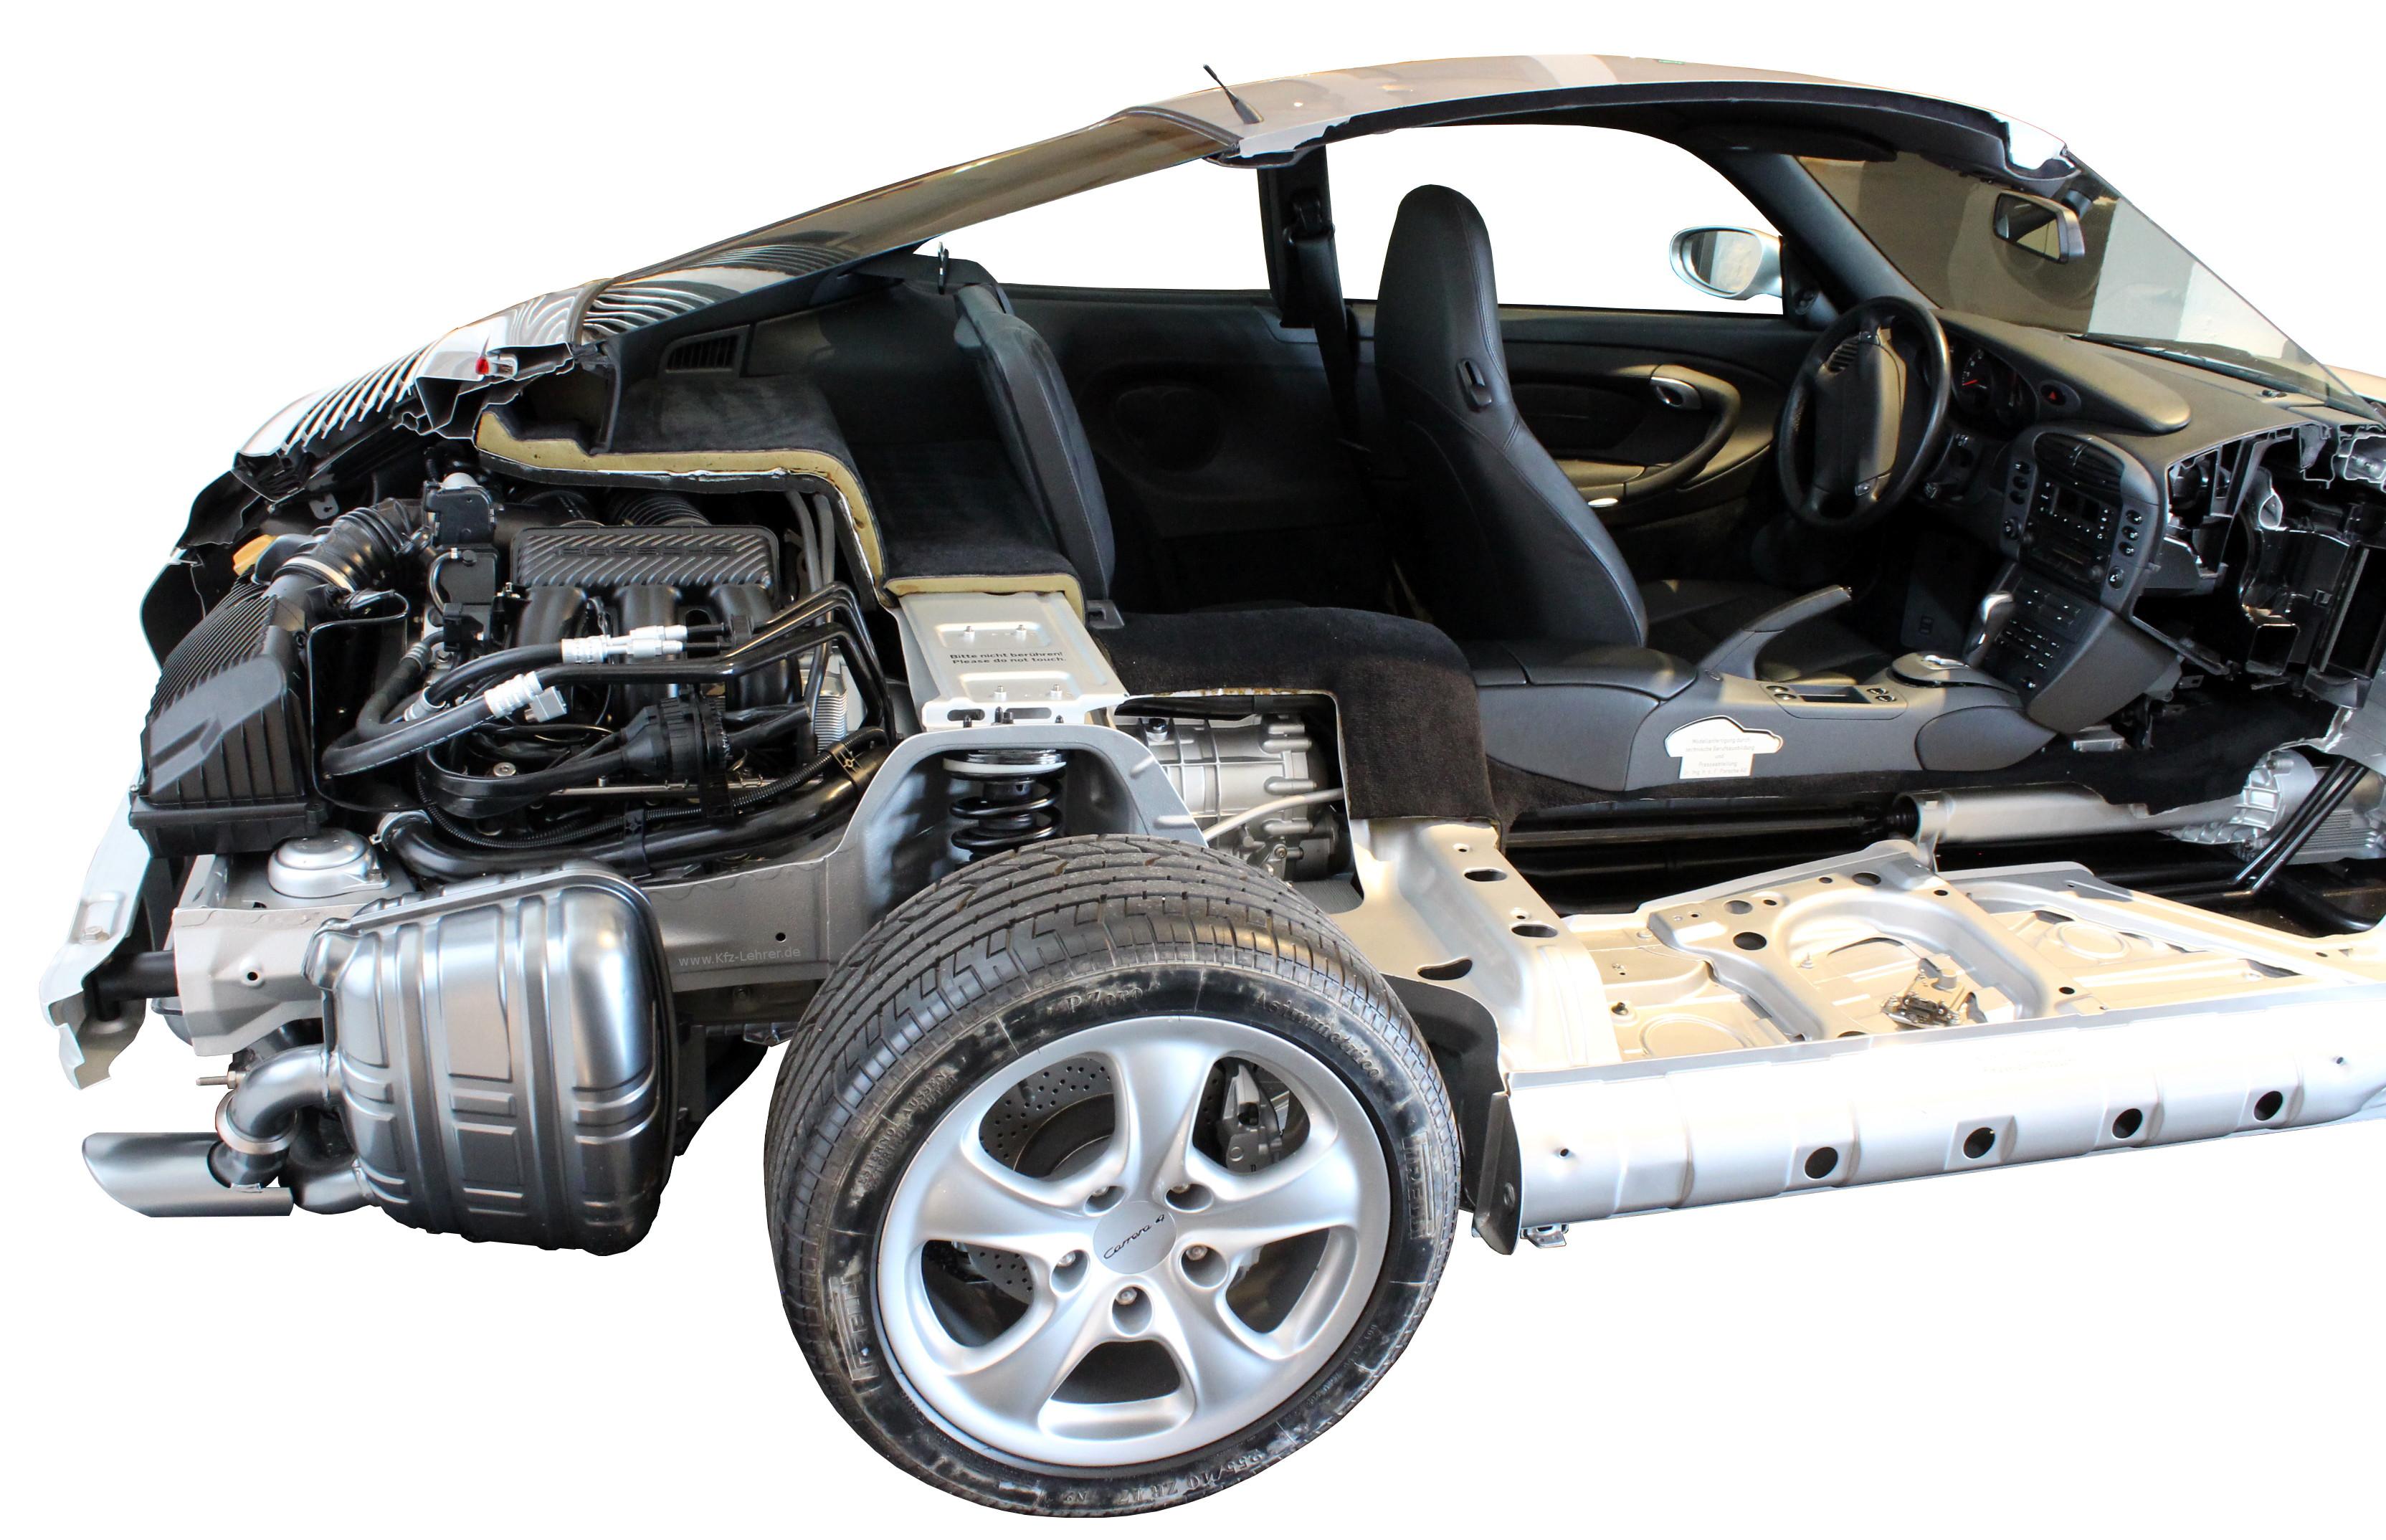 Zu sehen ist das Schnittmodell eines Porsche 911 Carrera 4 von 1998